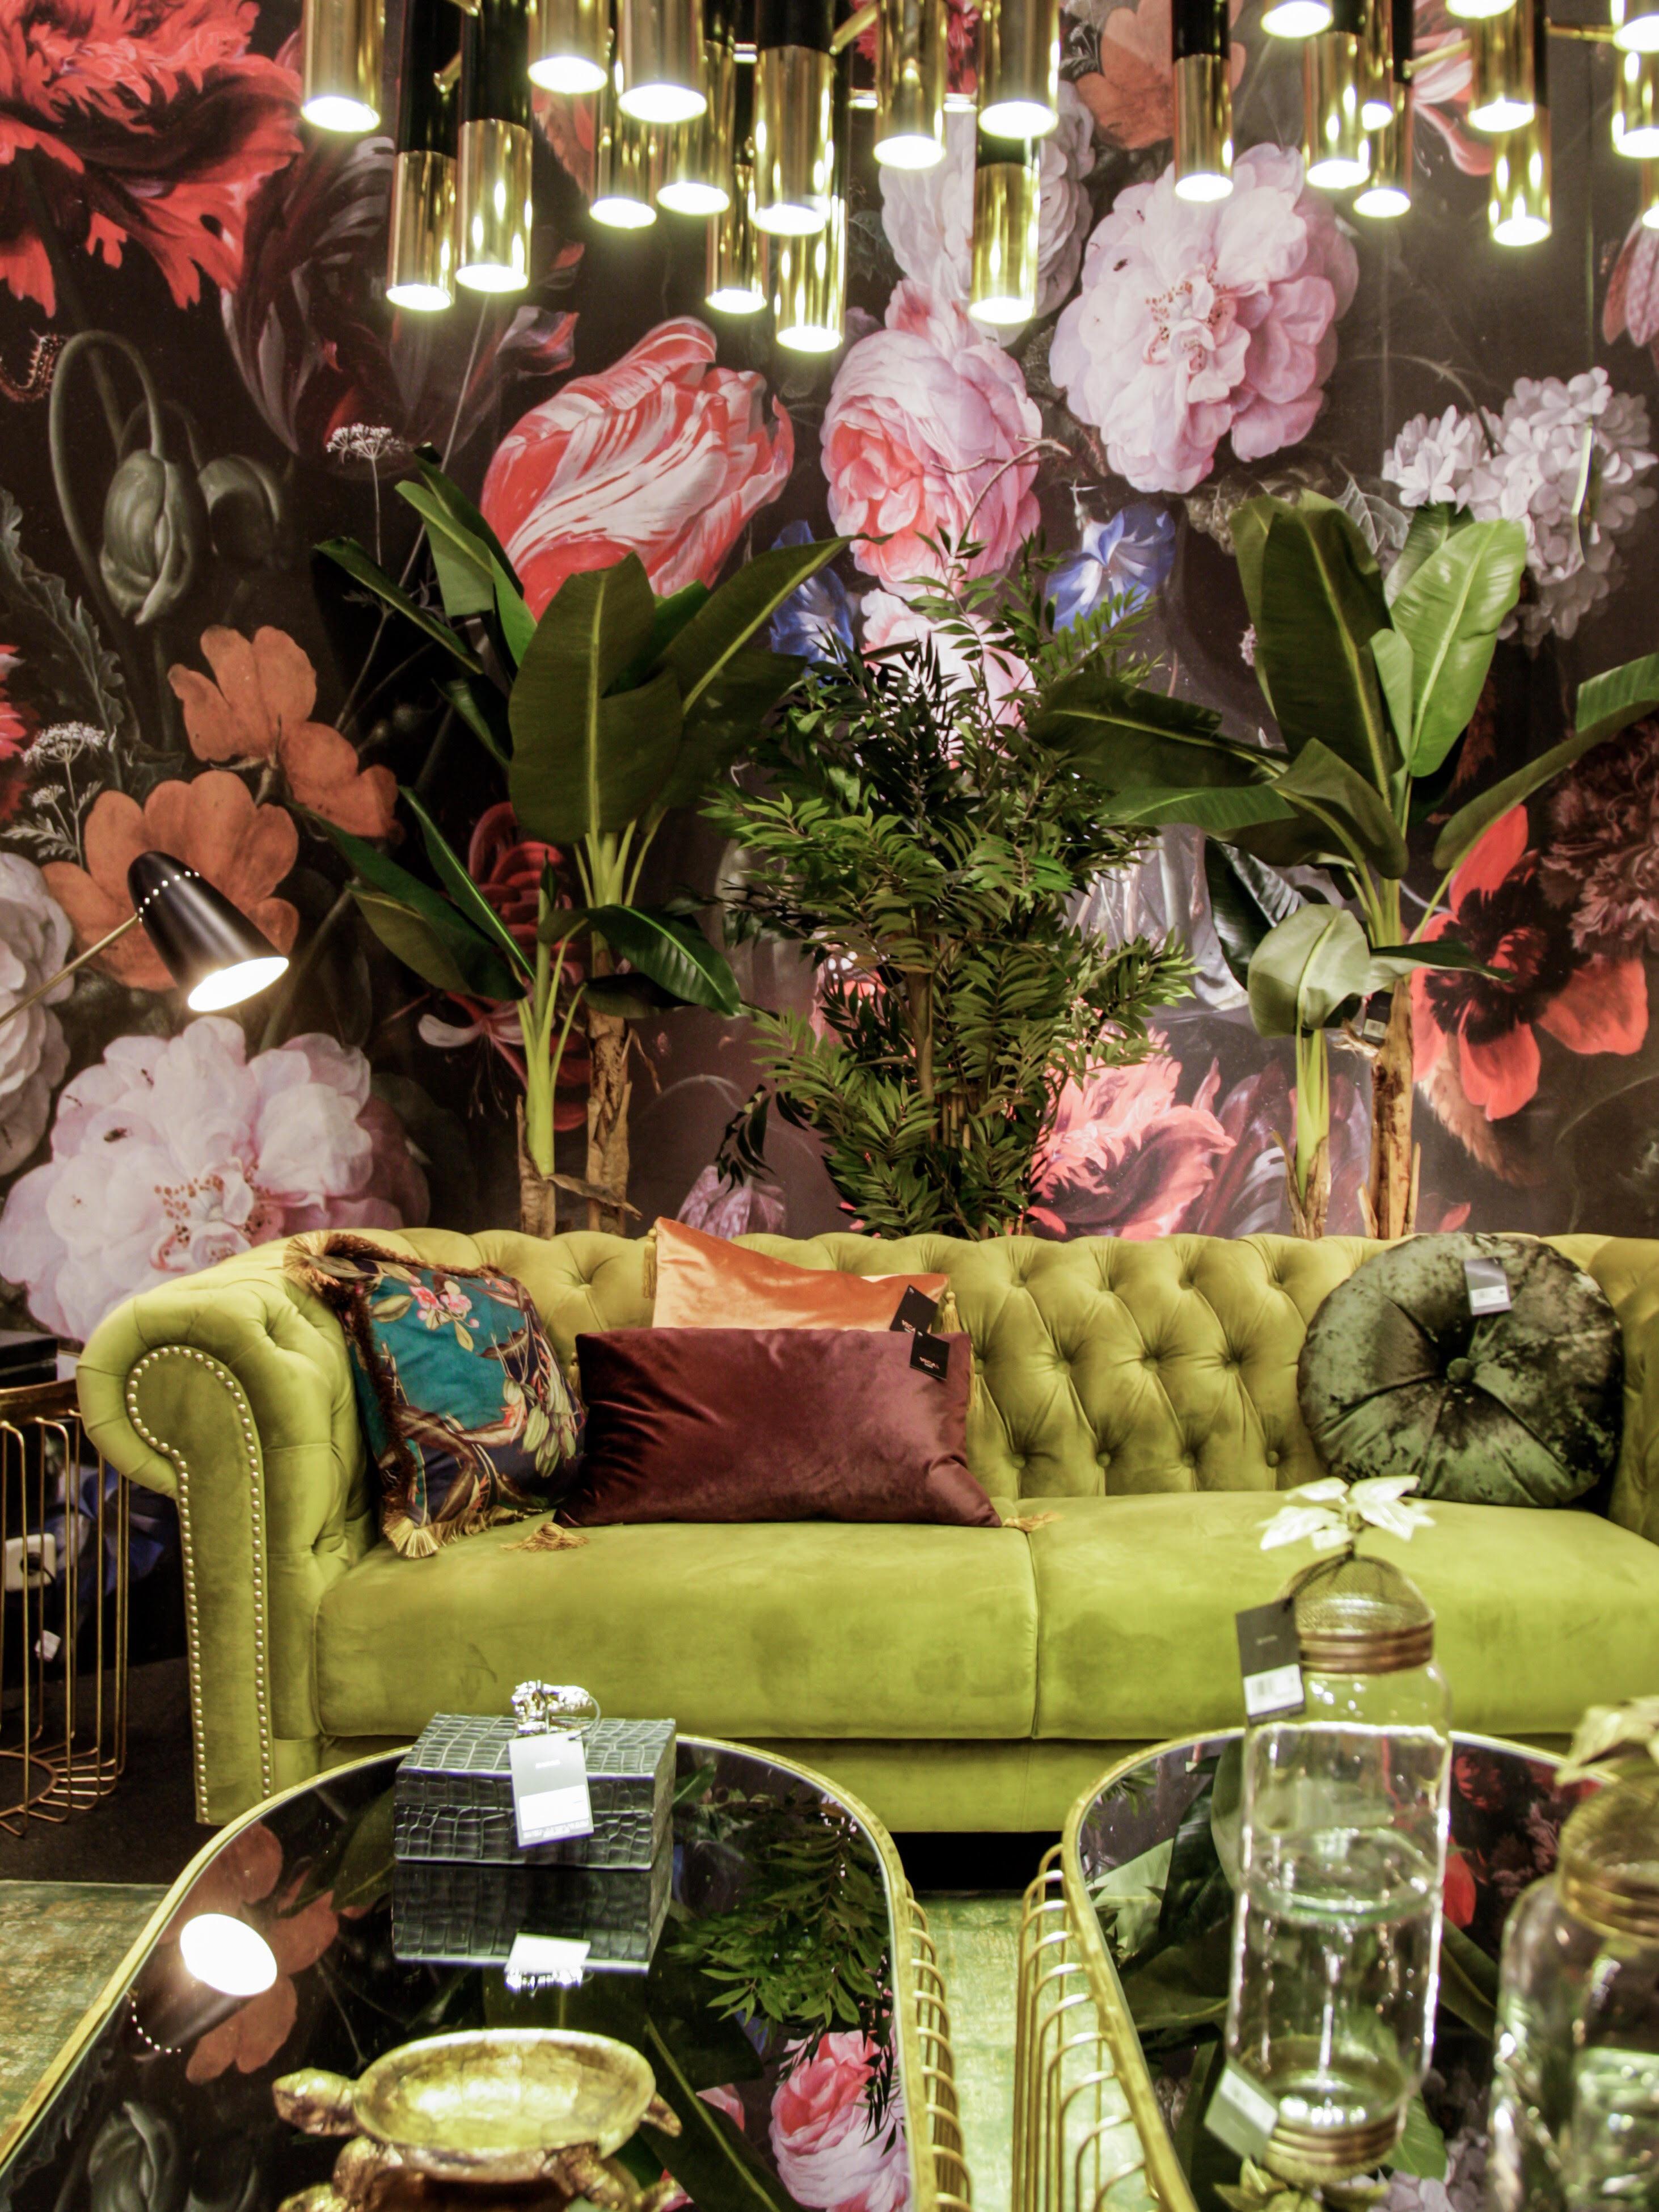 FLORAL WALLPAPER, velvet sofa